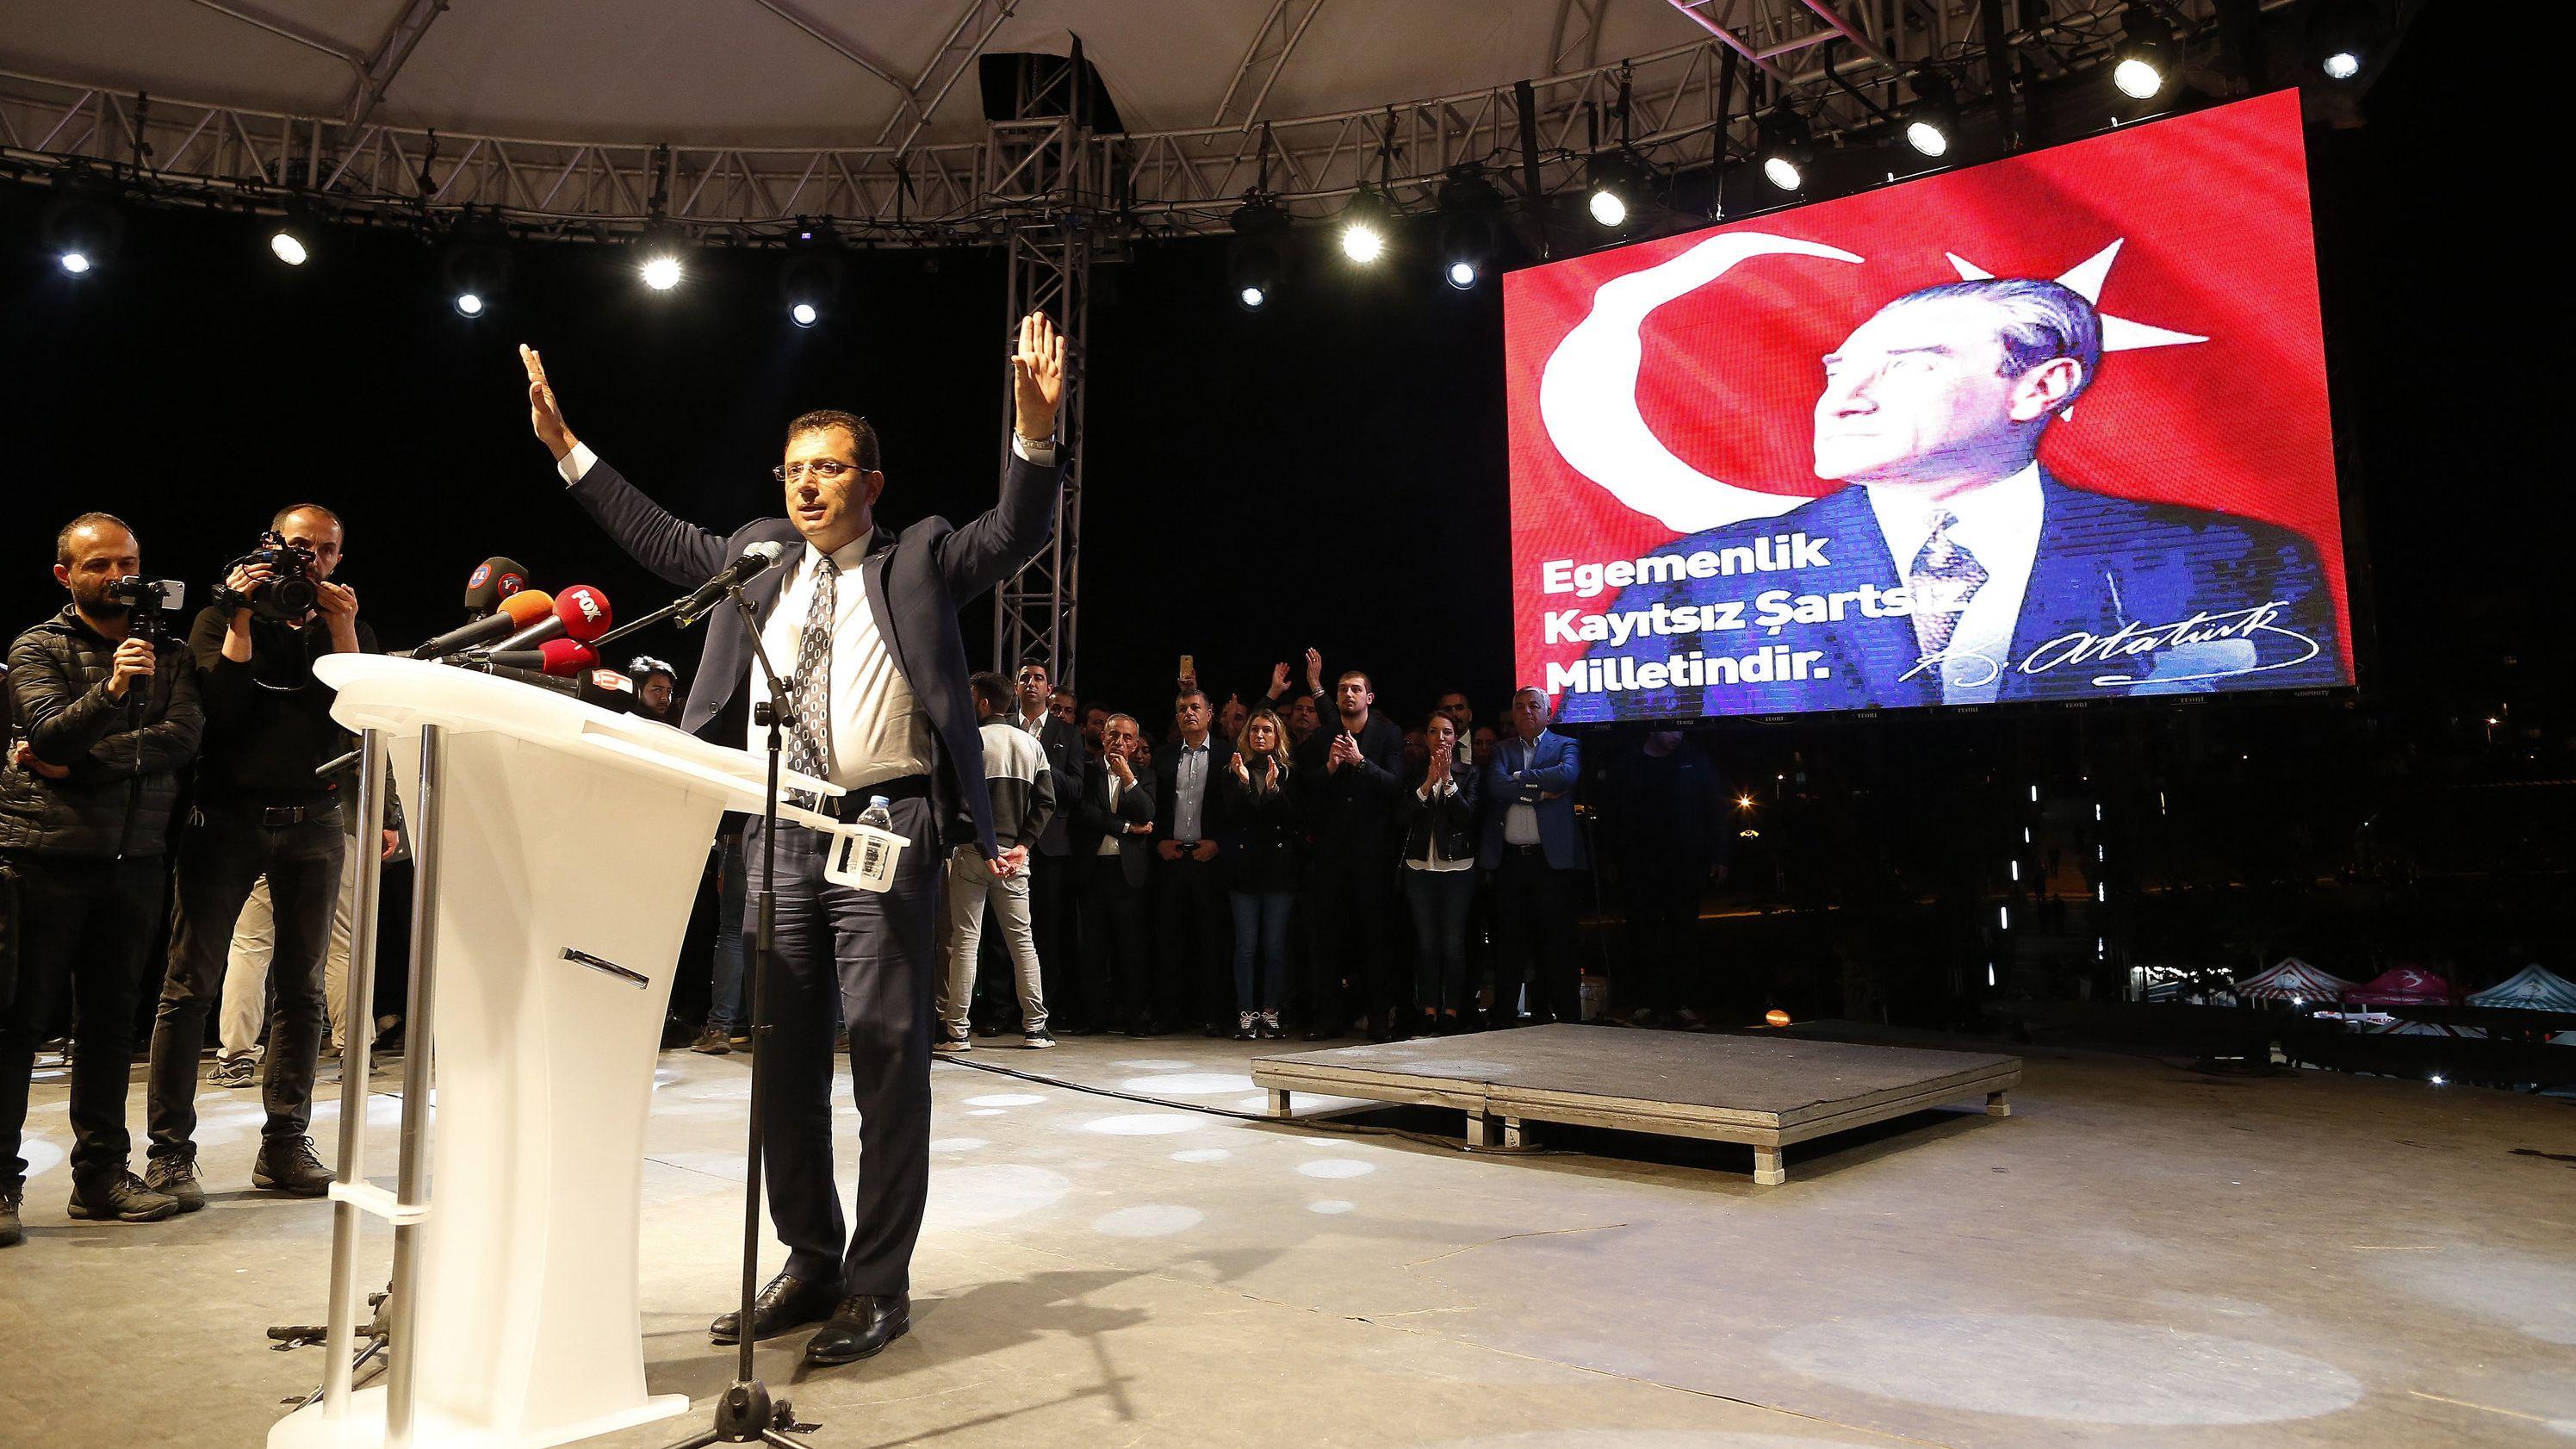 Ekrem Imamoğlu von der Republikanischen Volkspartei (CHP) in Istanbul spricht auf einer Kundgebung.